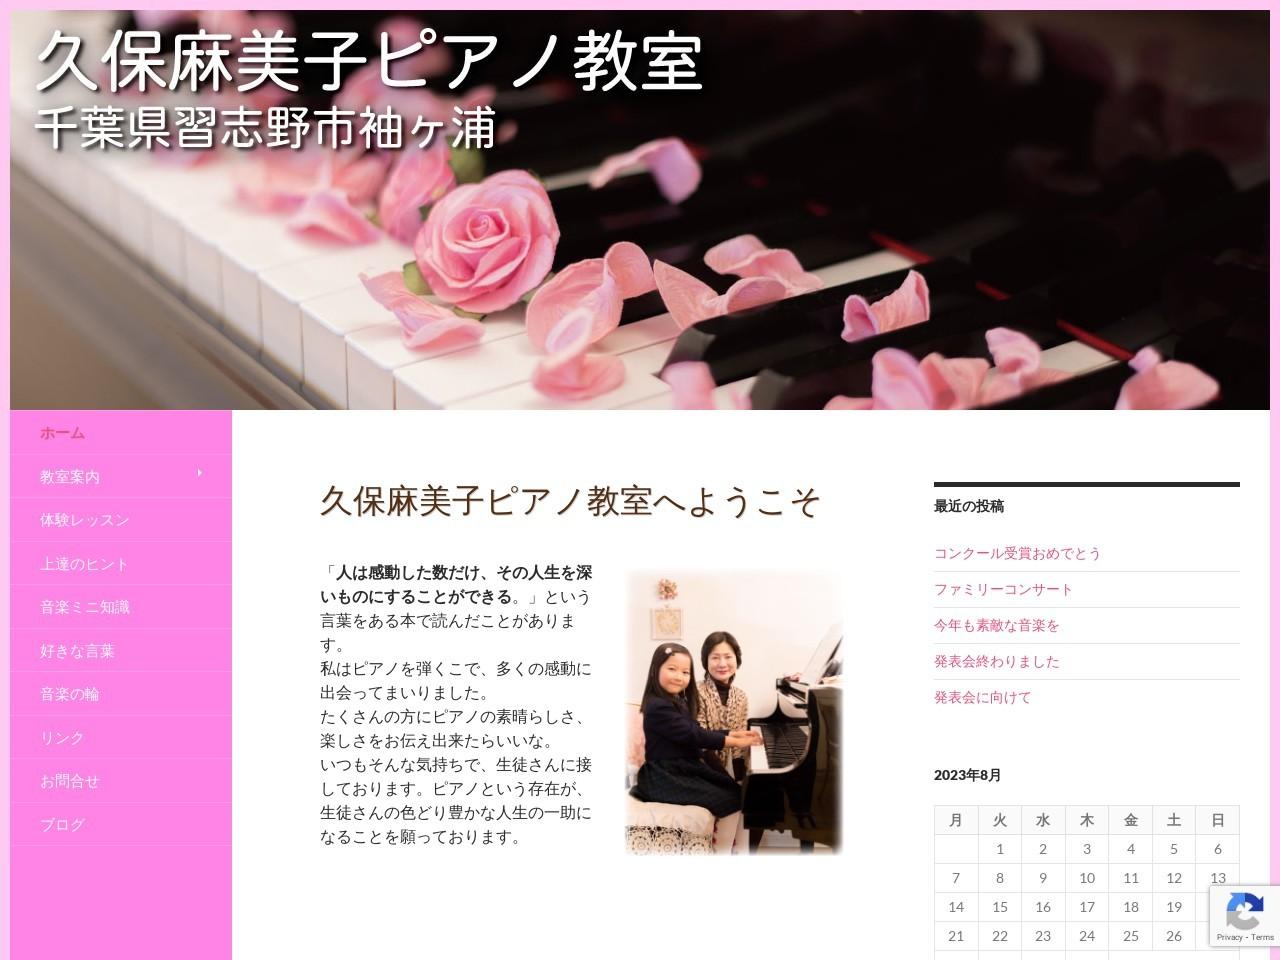 久保麻美子ピアノ教室のサムネイル